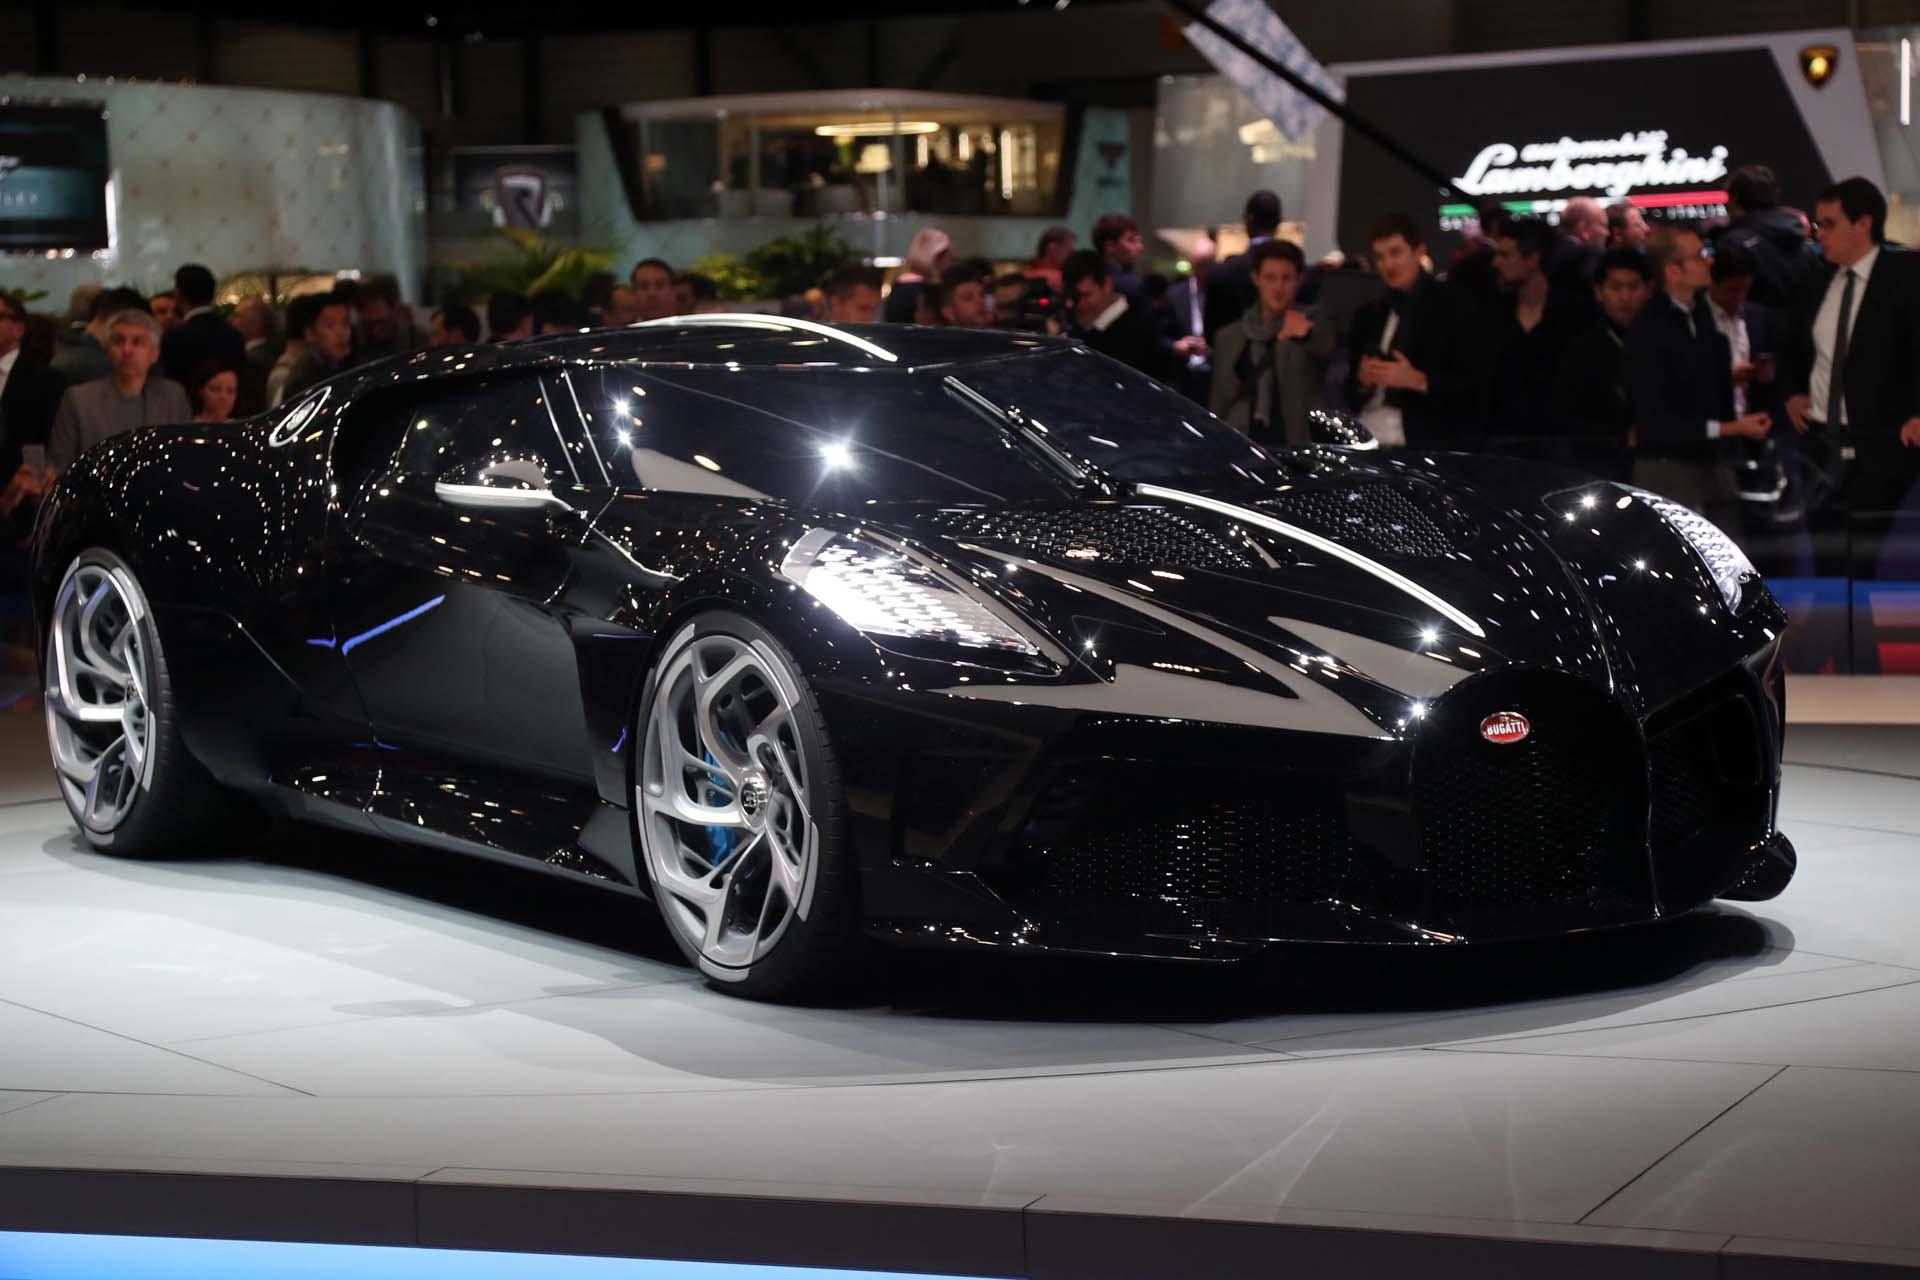 Bugatti La Voiture Noire A 12 4 Million Celebration Of The Type 57sc Atlantic